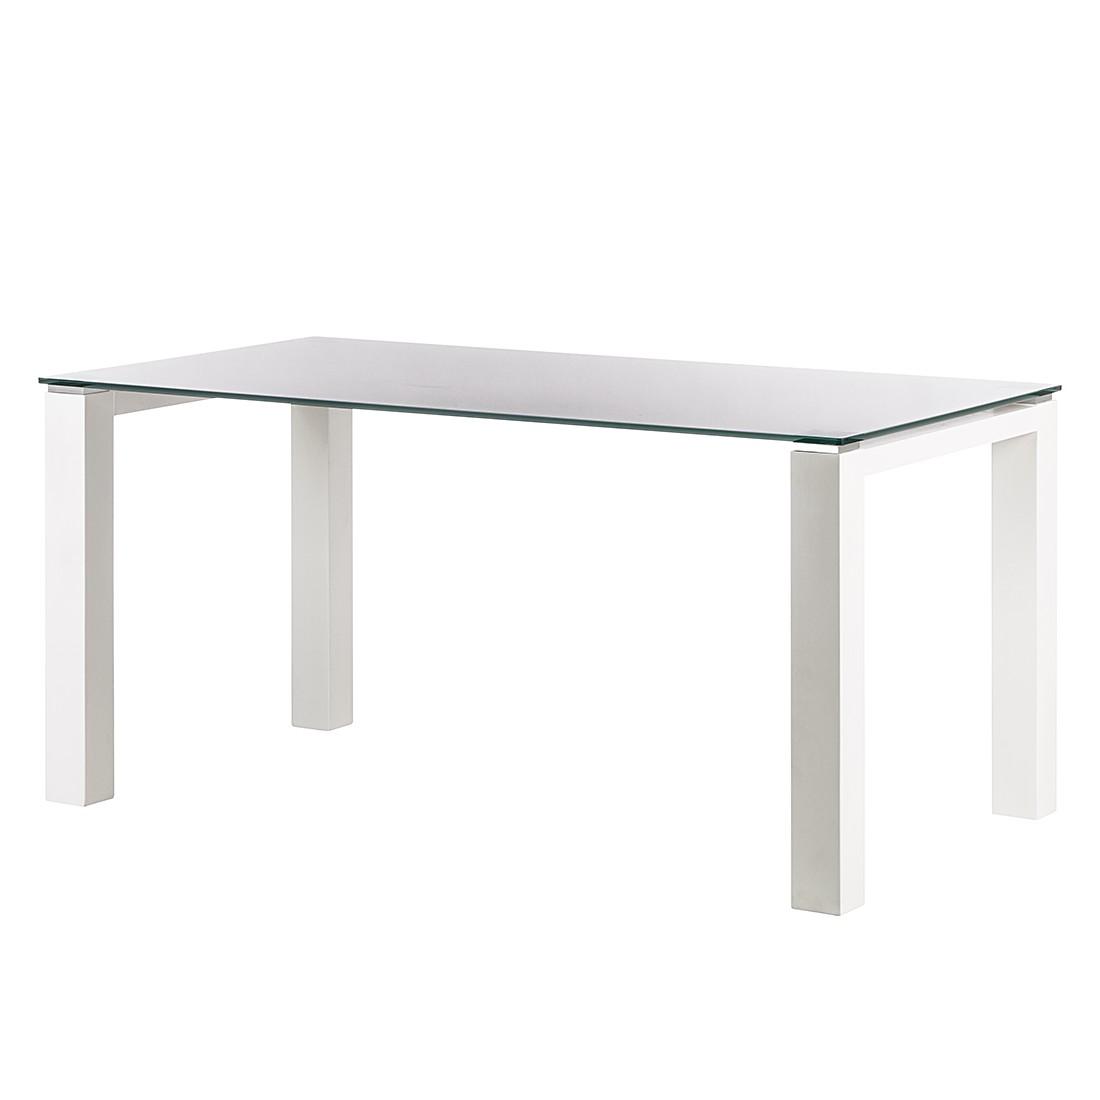 Glastisch Palma – Weiß lackiertes Glas/Lack Weiß – 200 x 100 cm, Niehoff günstig kaufen